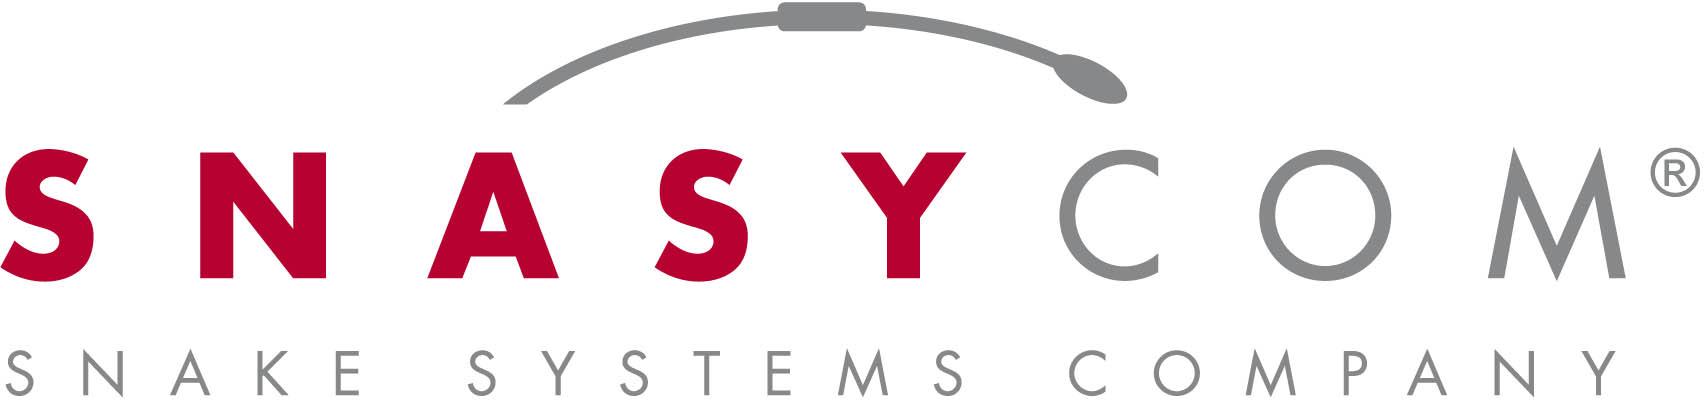 CD SNASYCOM